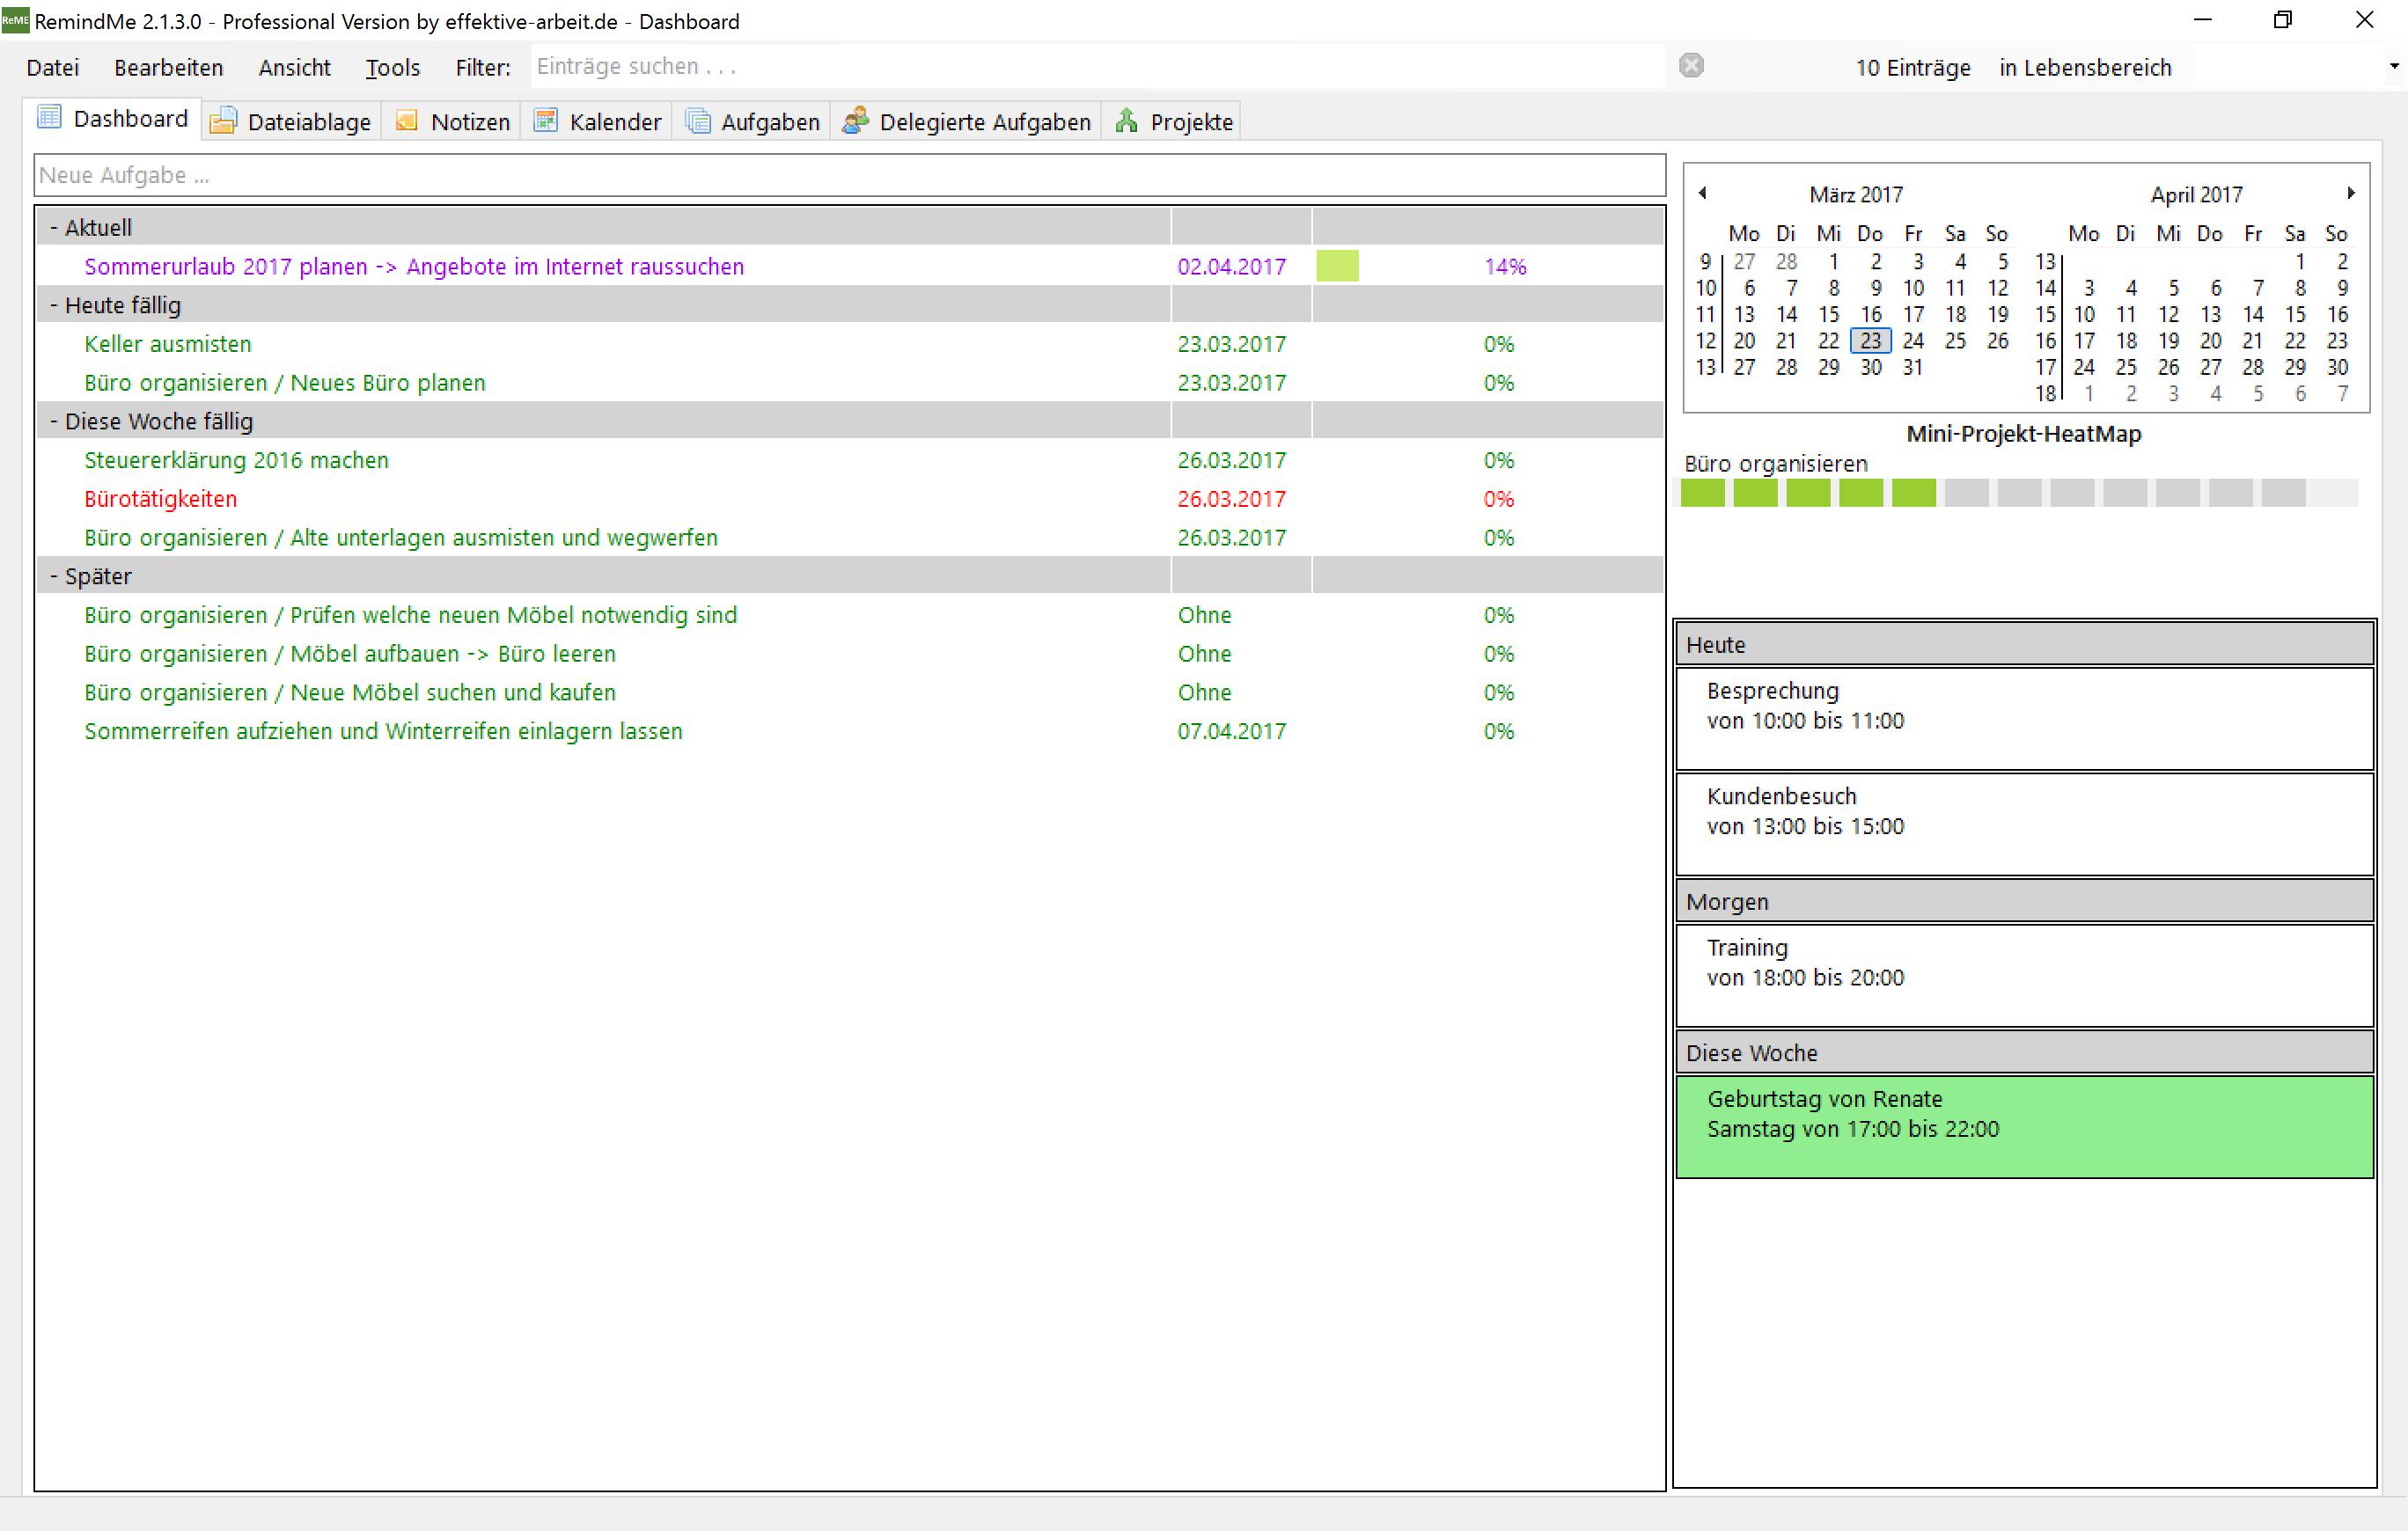 Das Dashboard - Übersicht über alle anstehenden Aufgaben